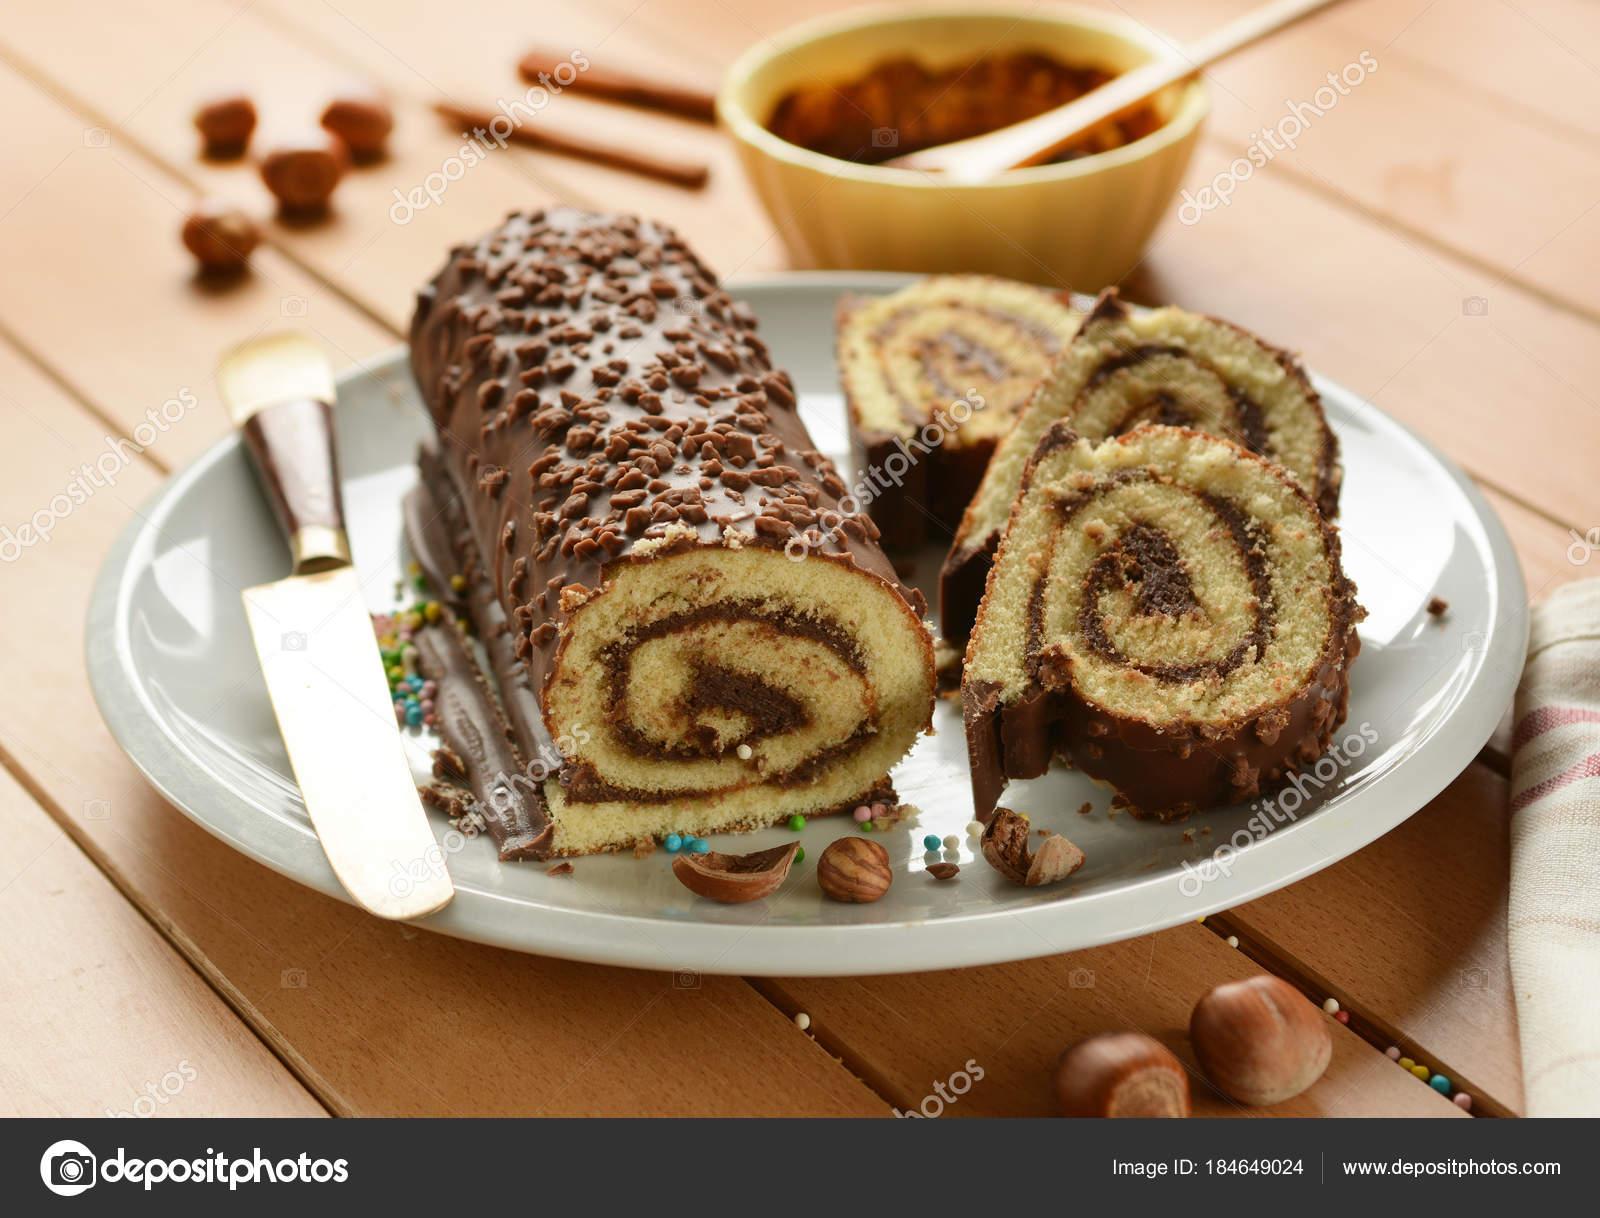 Schokolade Kuchen Mit Haselnusscreme Fullung Rollen Stockfoto